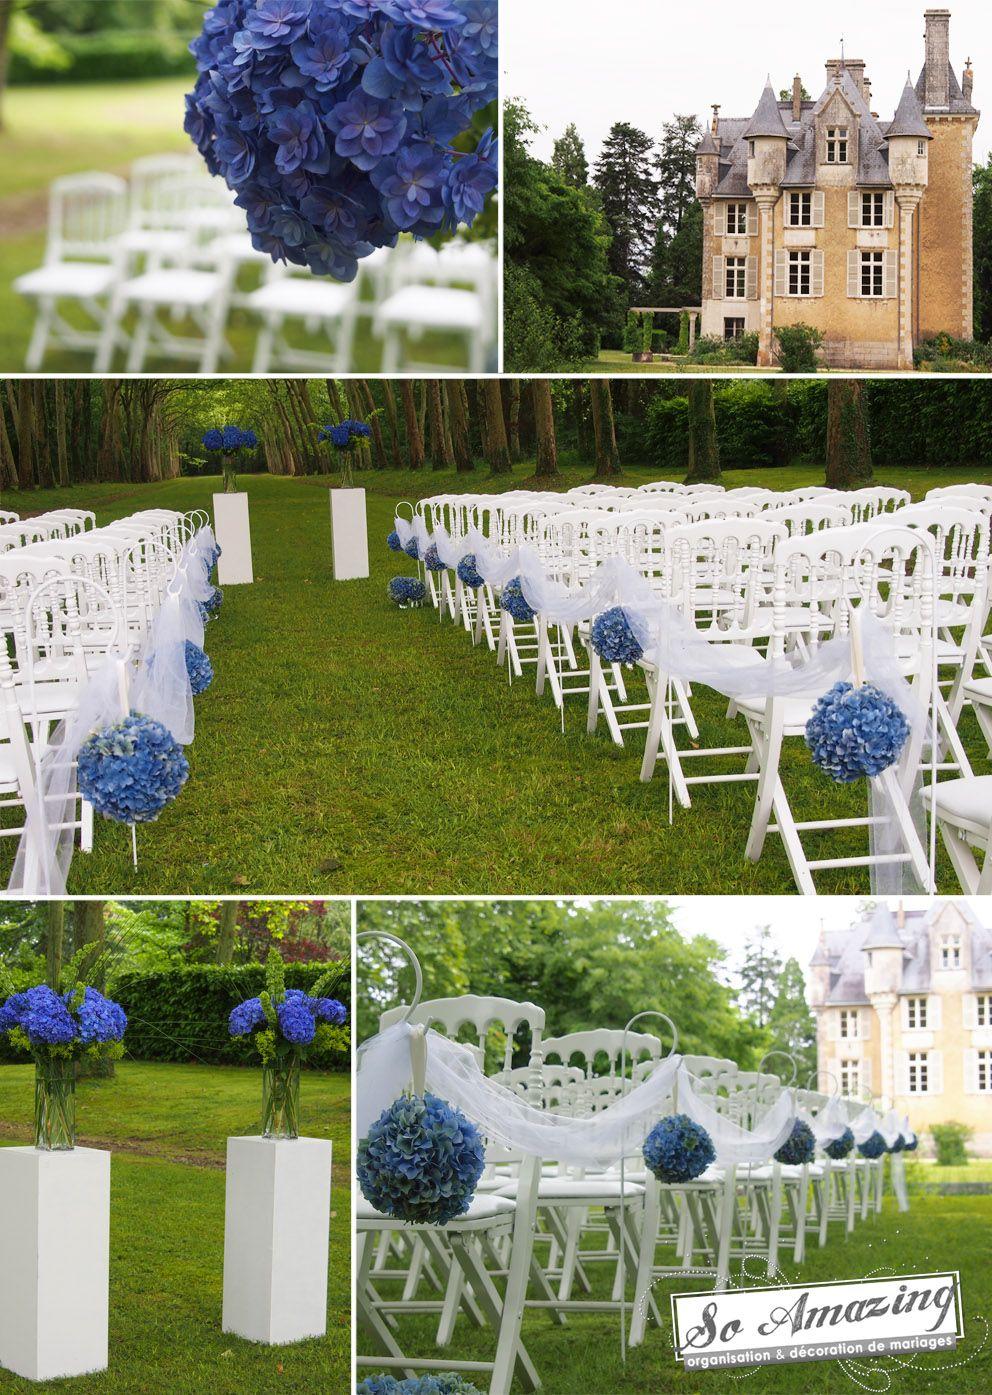 ceremonie de mariage en exterieur best decoration exterieur mariage luxecrmonie mariage laique. Black Bedroom Furniture Sets. Home Design Ideas